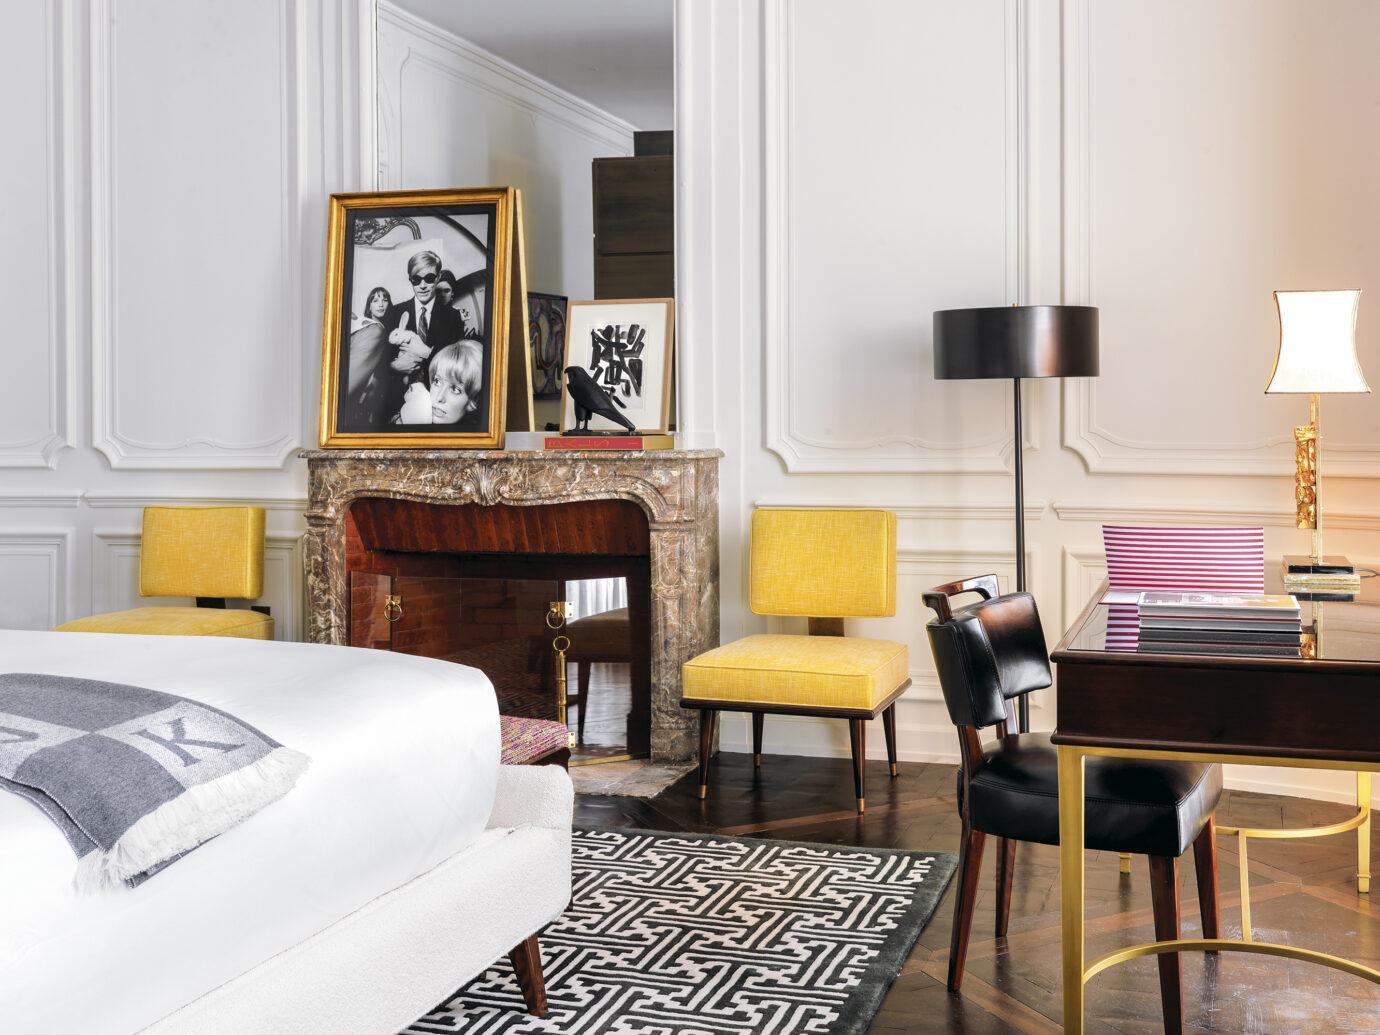 Guest room at J.K. Place Paris